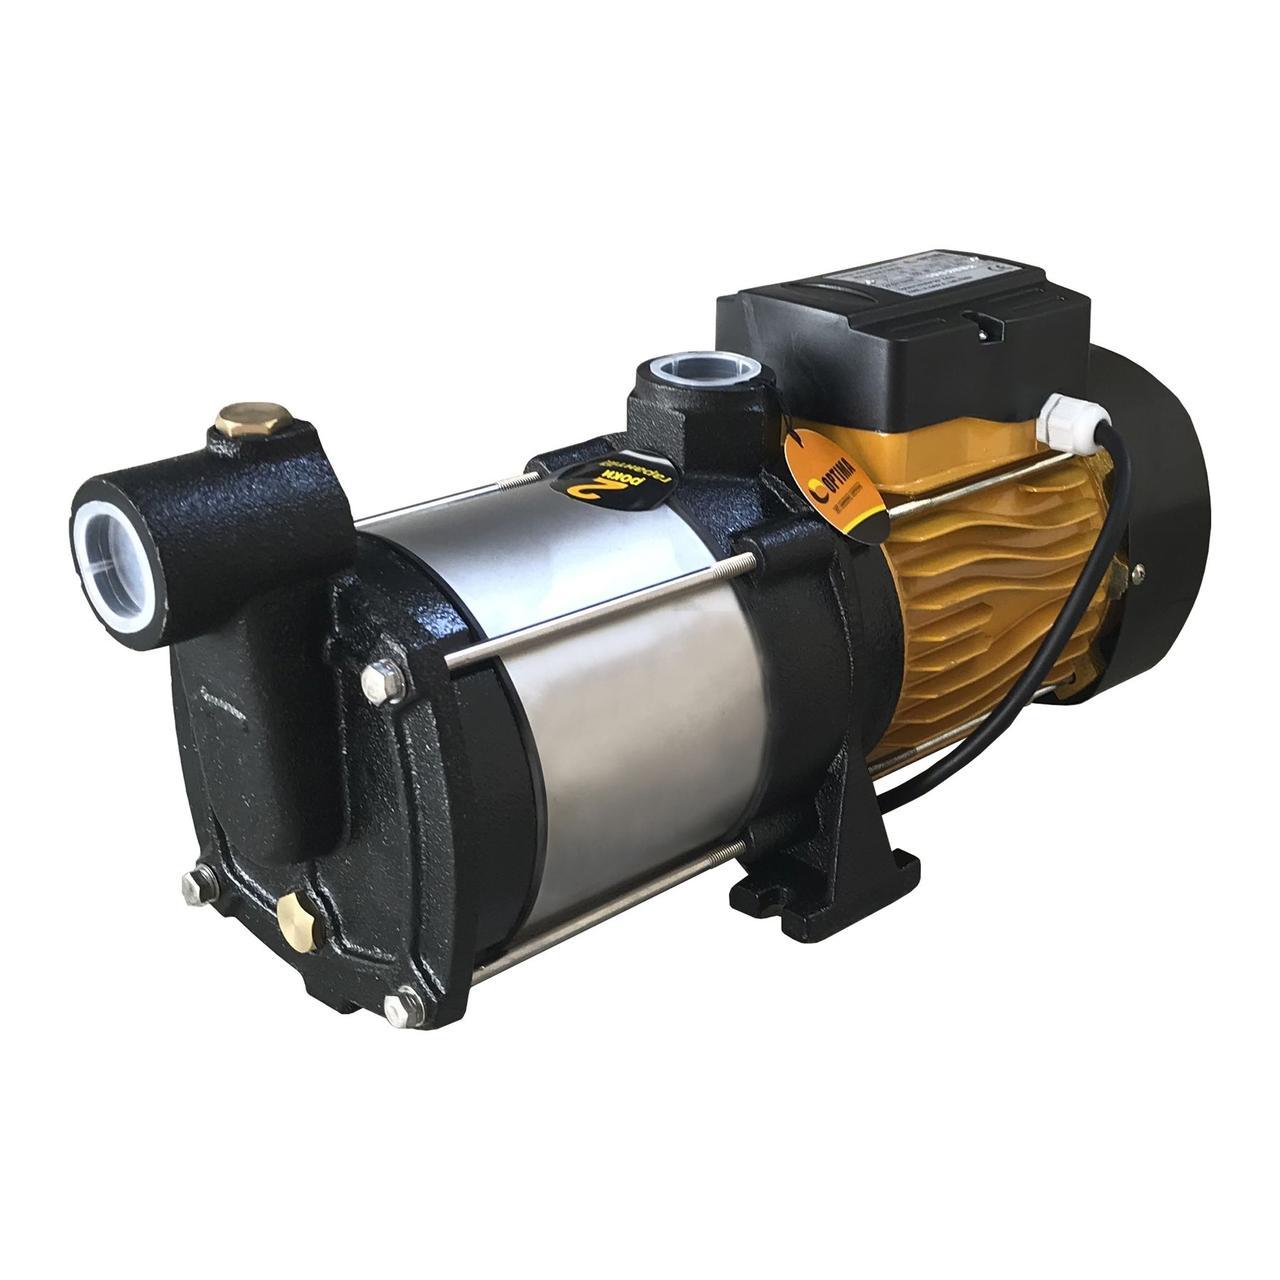 Насос центробежный многоступенчатый Optima MH-N 900INOX 0,9 кВт нерж. колеса